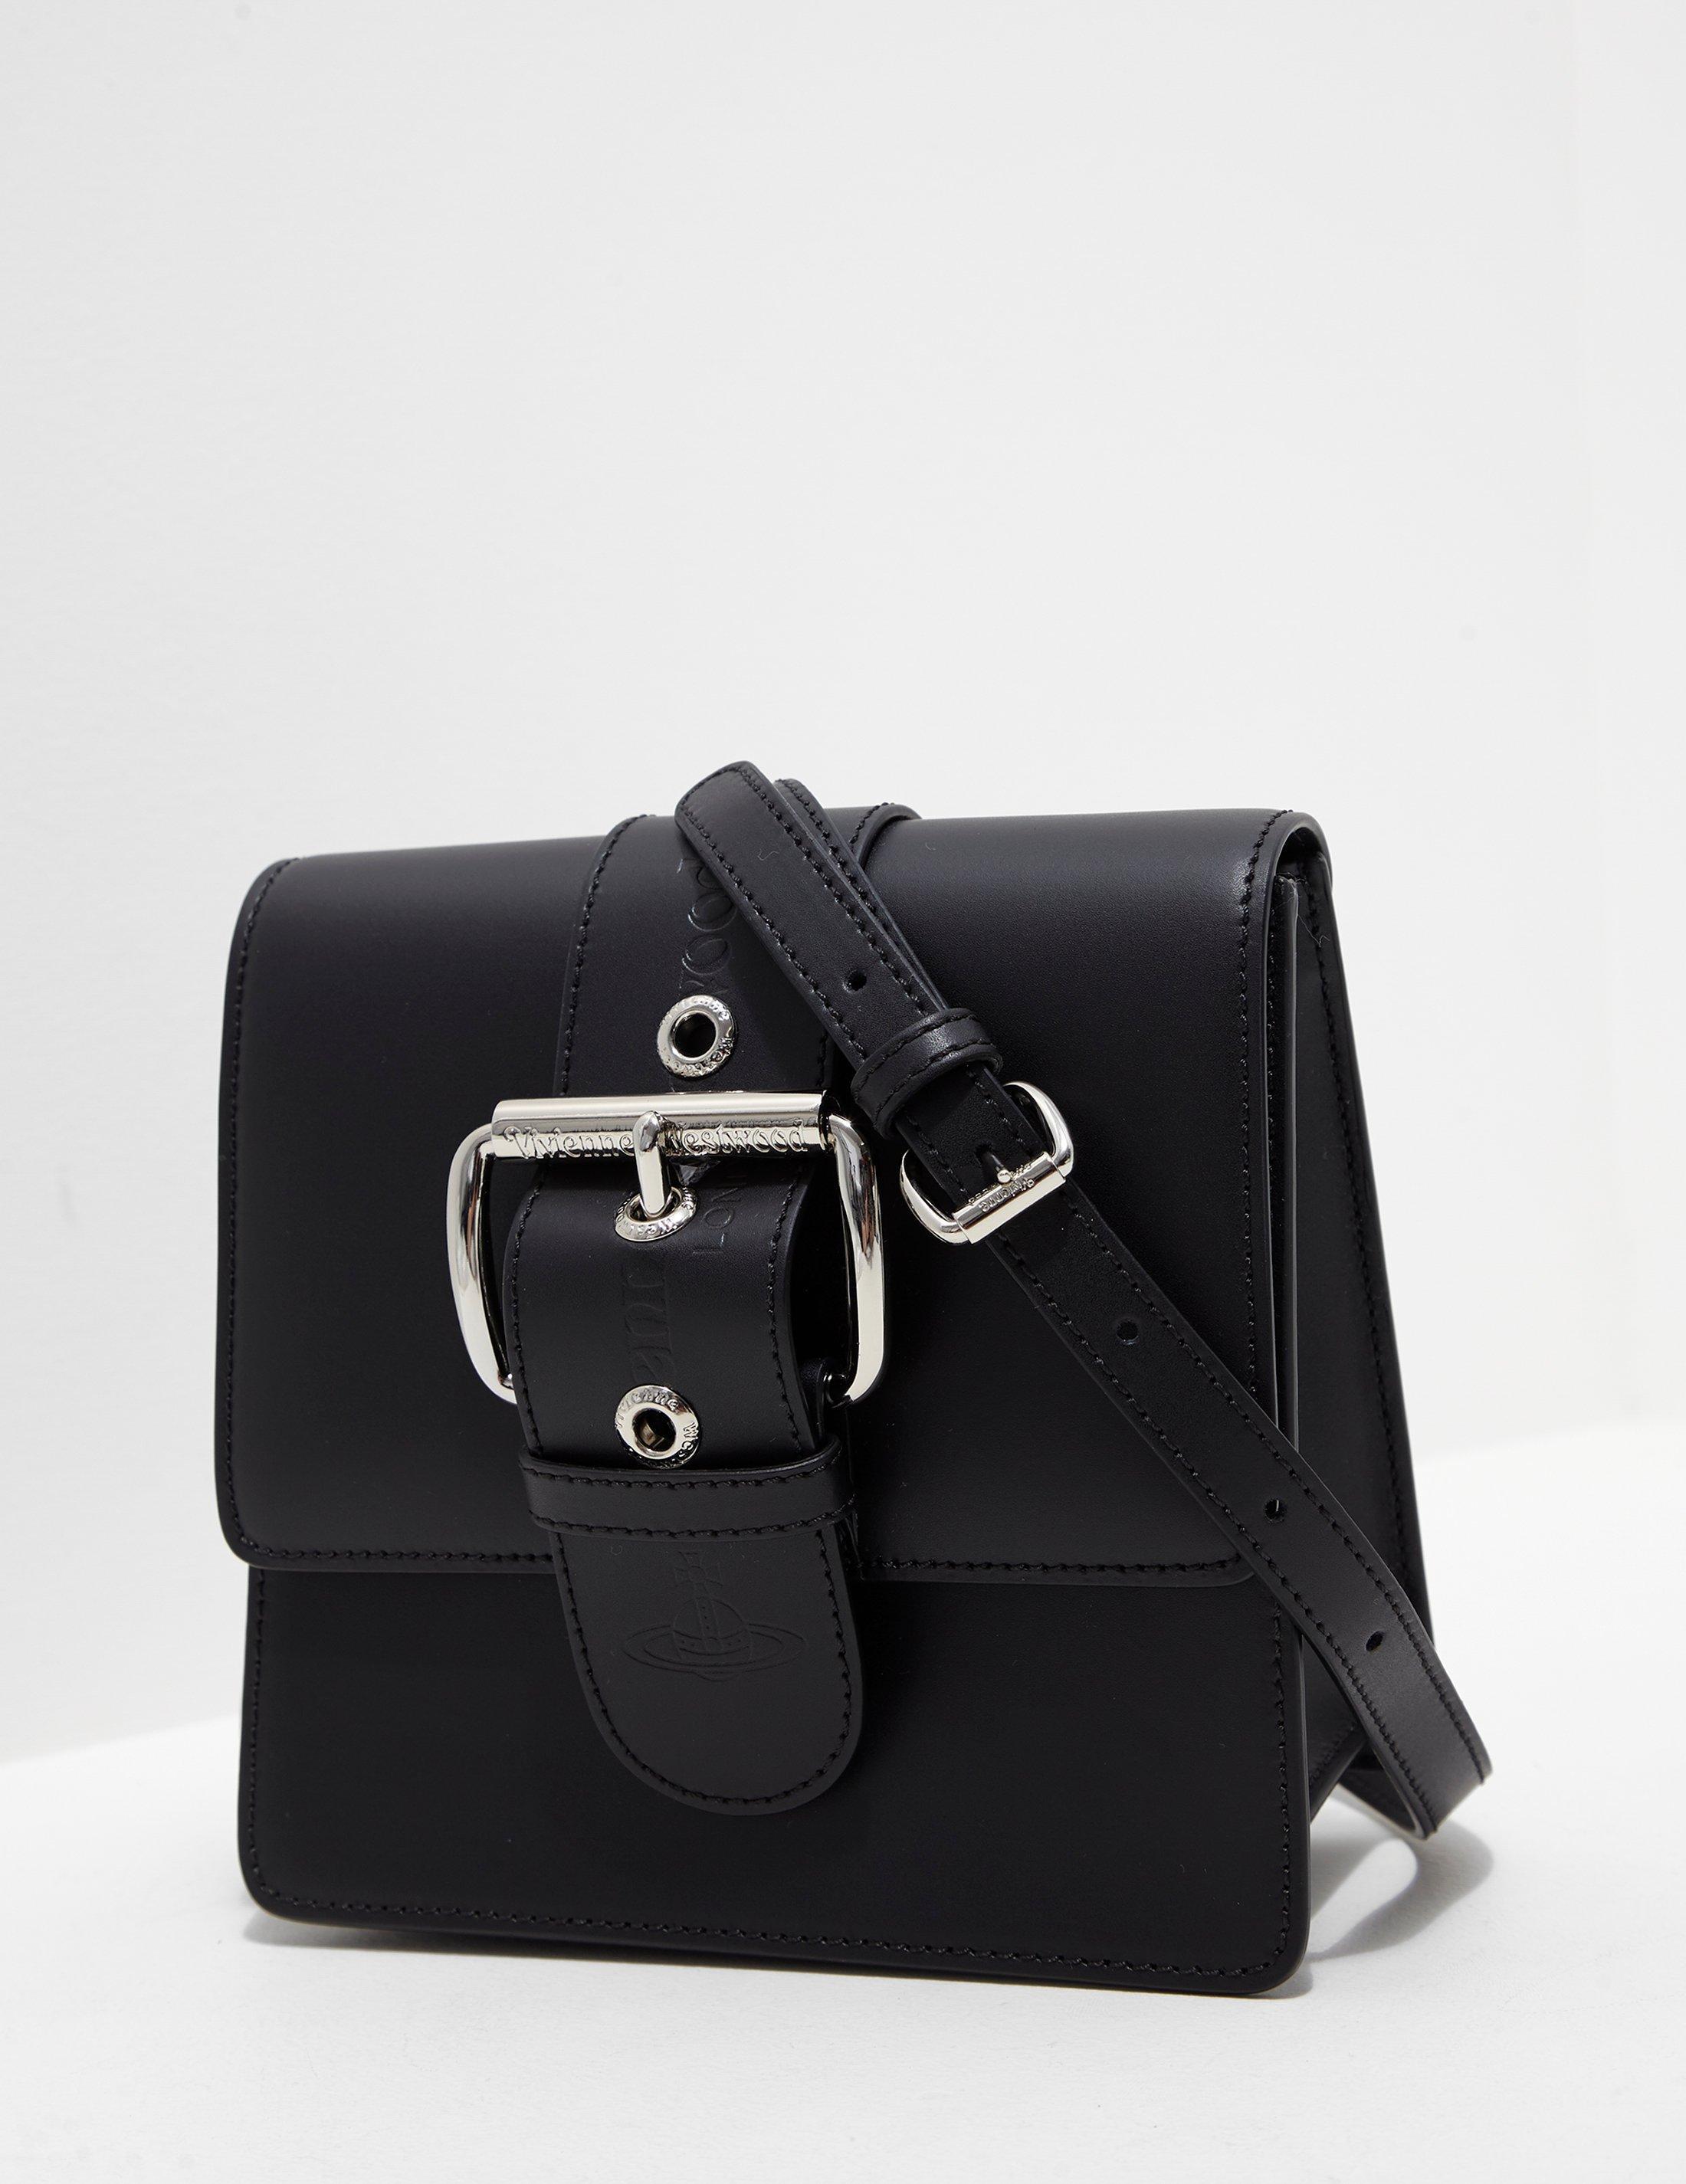 ca0eb8d330a5 Lyst - Vivienne Westwood Alex Small Crossbody Bag Black in Black ...